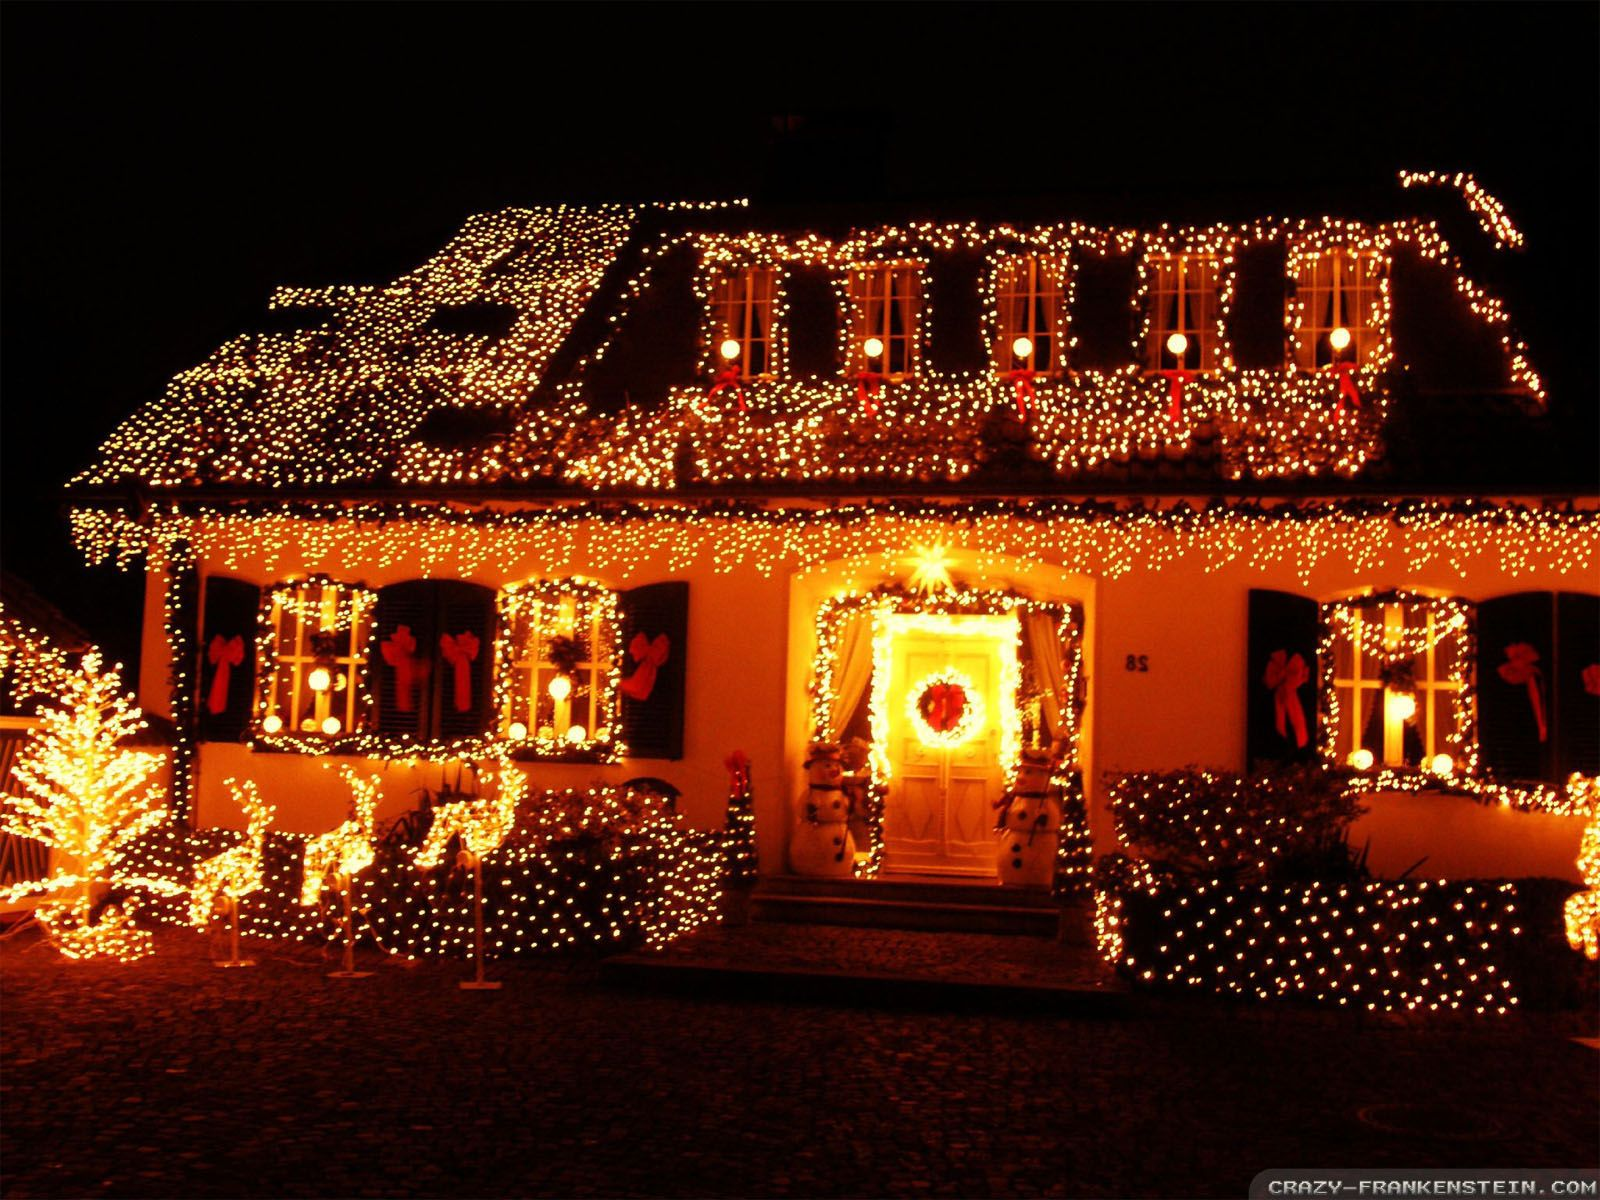 Full Size of Weihnachtsbeleuchtung Fenster Innen Mit Kabel Hornbach Batterie Led Kabellos Pyramide Bunt Amazon Befestigen Batteriebetrieben Weihnachts Lichter Fr Haus Auen Fenster Weihnachtsbeleuchtung Fenster